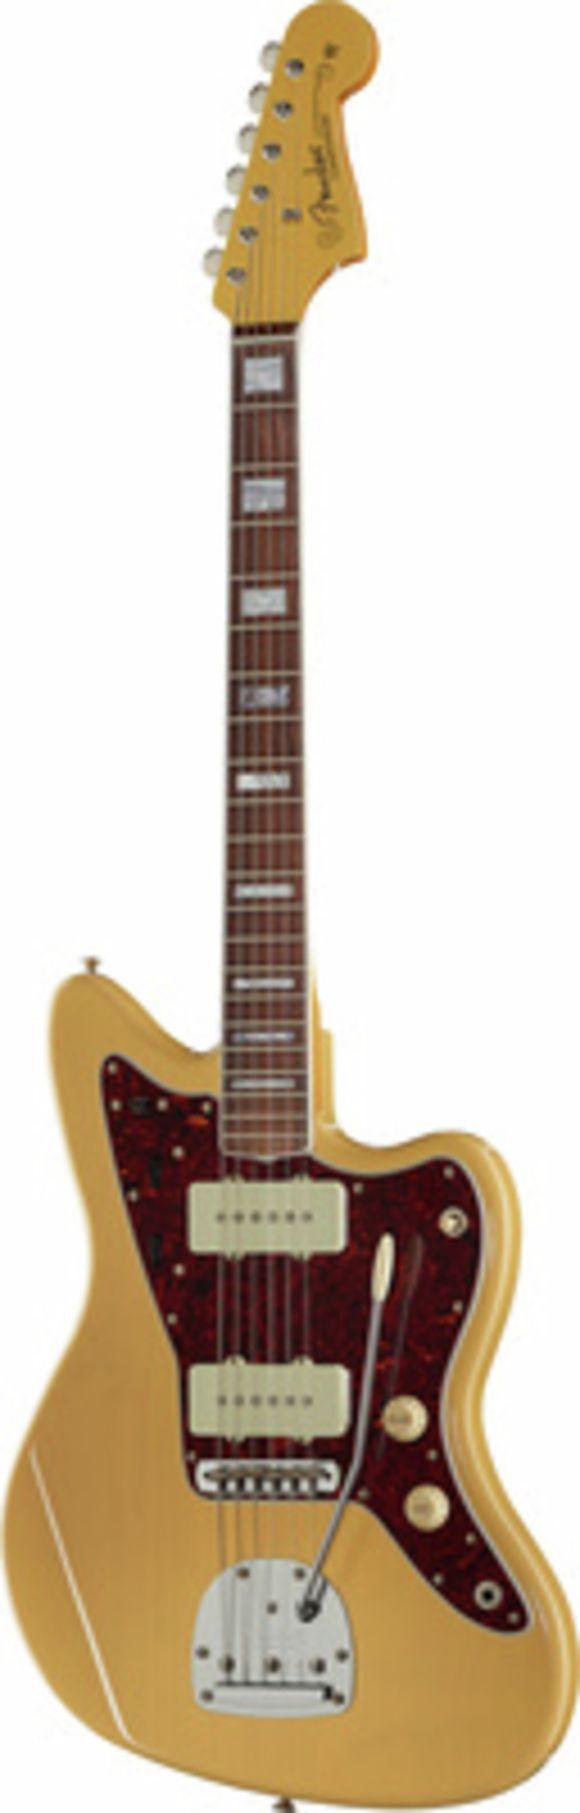 60TH Jazzmaster PF VBL Fender